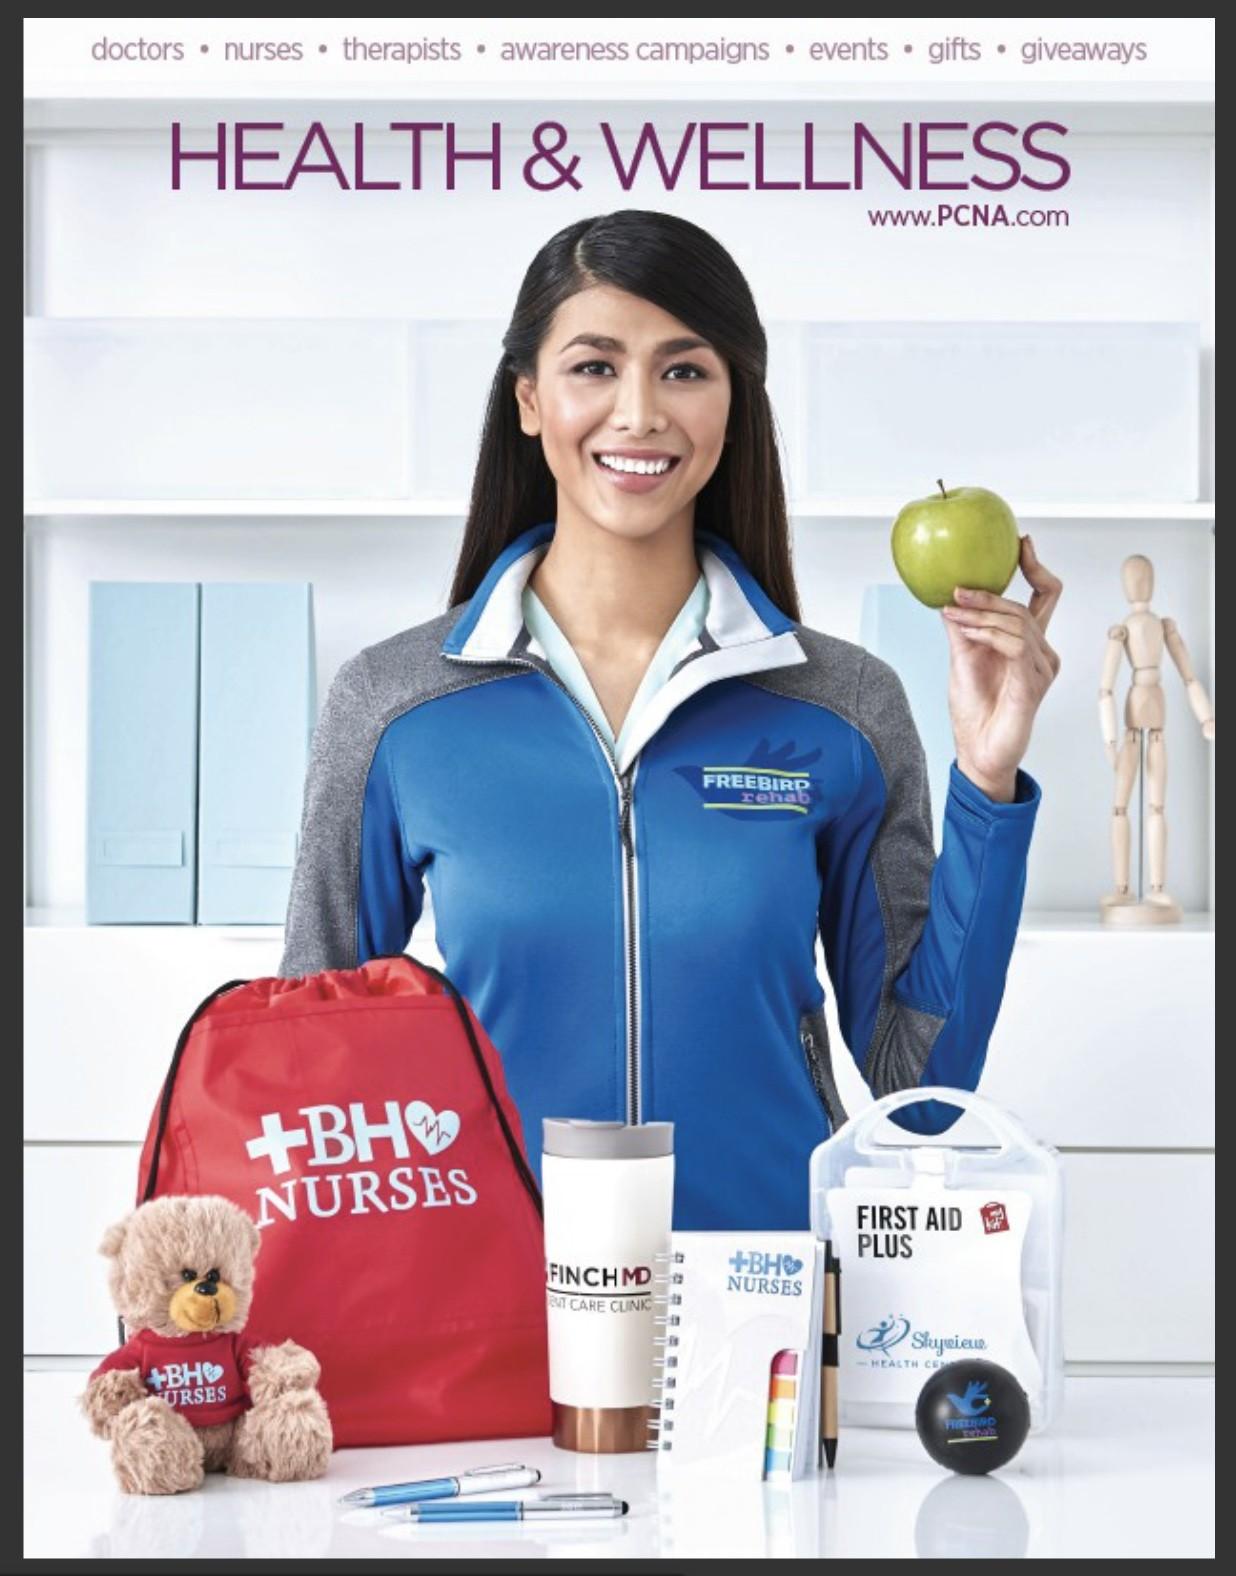 PCNA HEALTH & WELLNESS